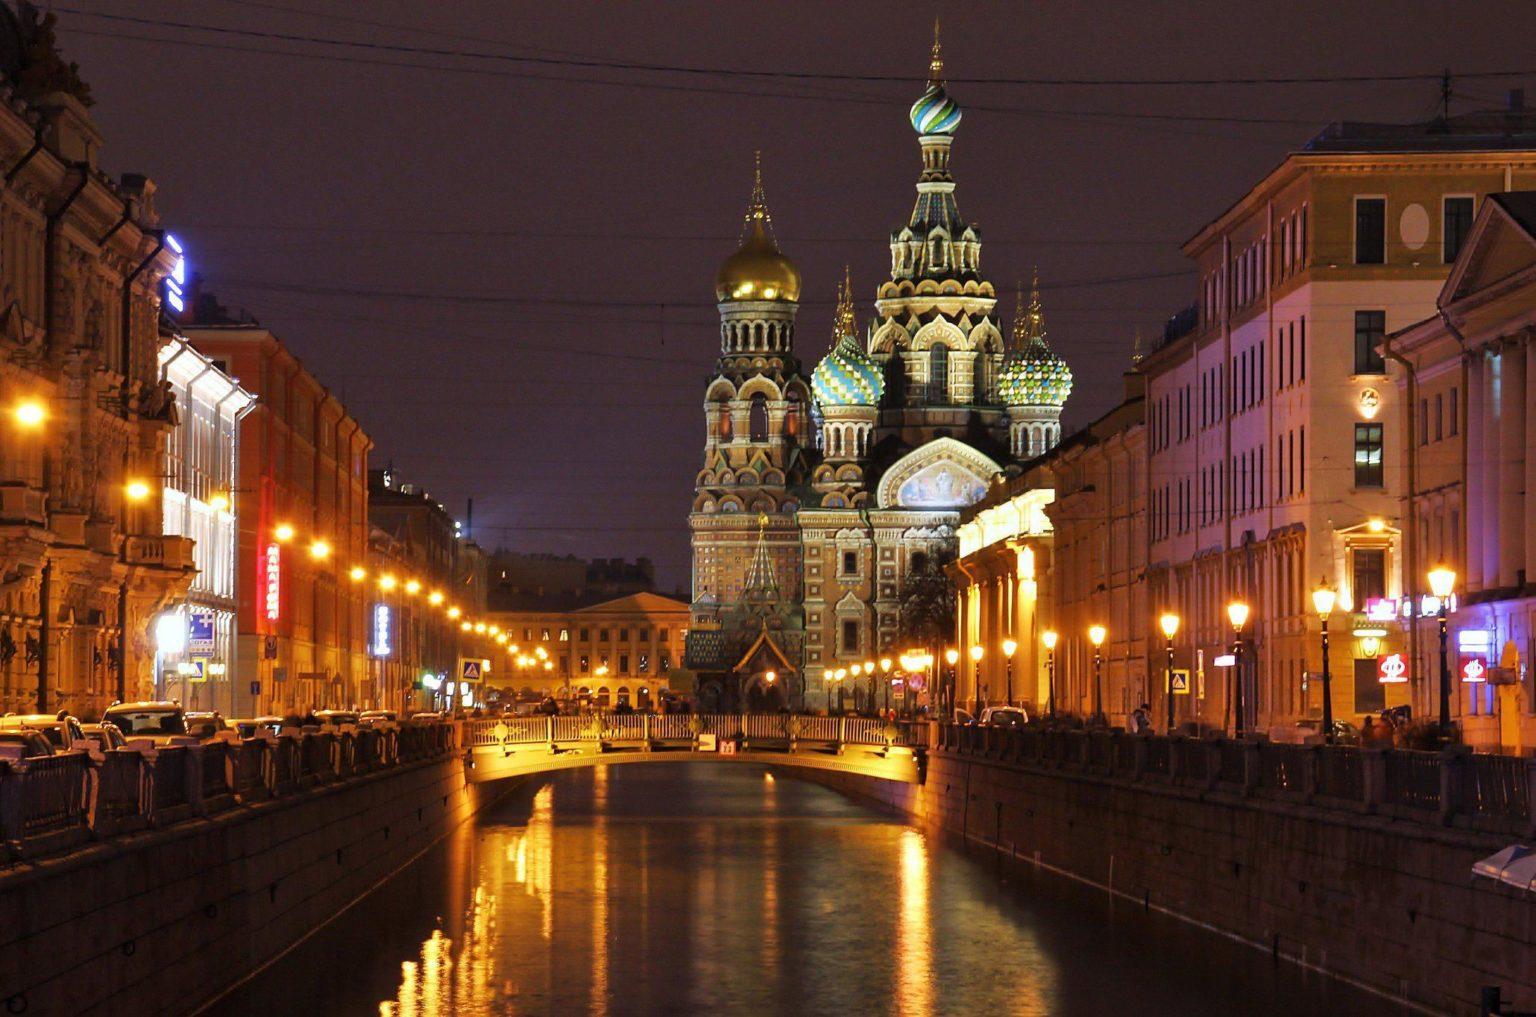 background thành phố đẹp hiện đại cổ điển